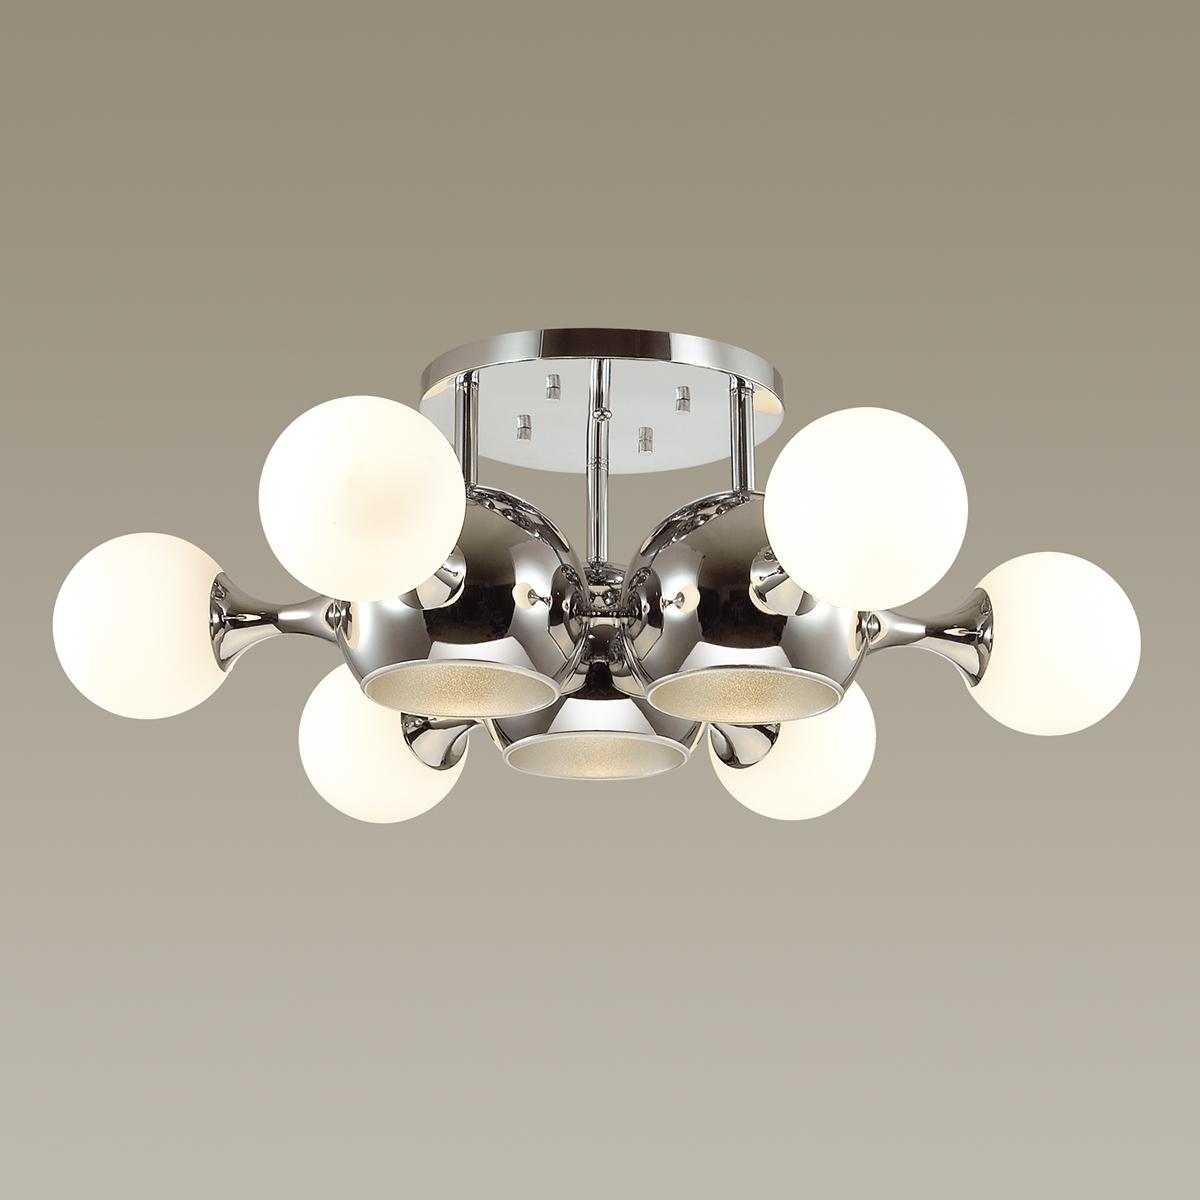 Потолочная люстра Odeon Light Modern Miolla 3972/9C, 6xE14x40W + 3xE27x60W, хром, белый, металл, стекло - фото 2